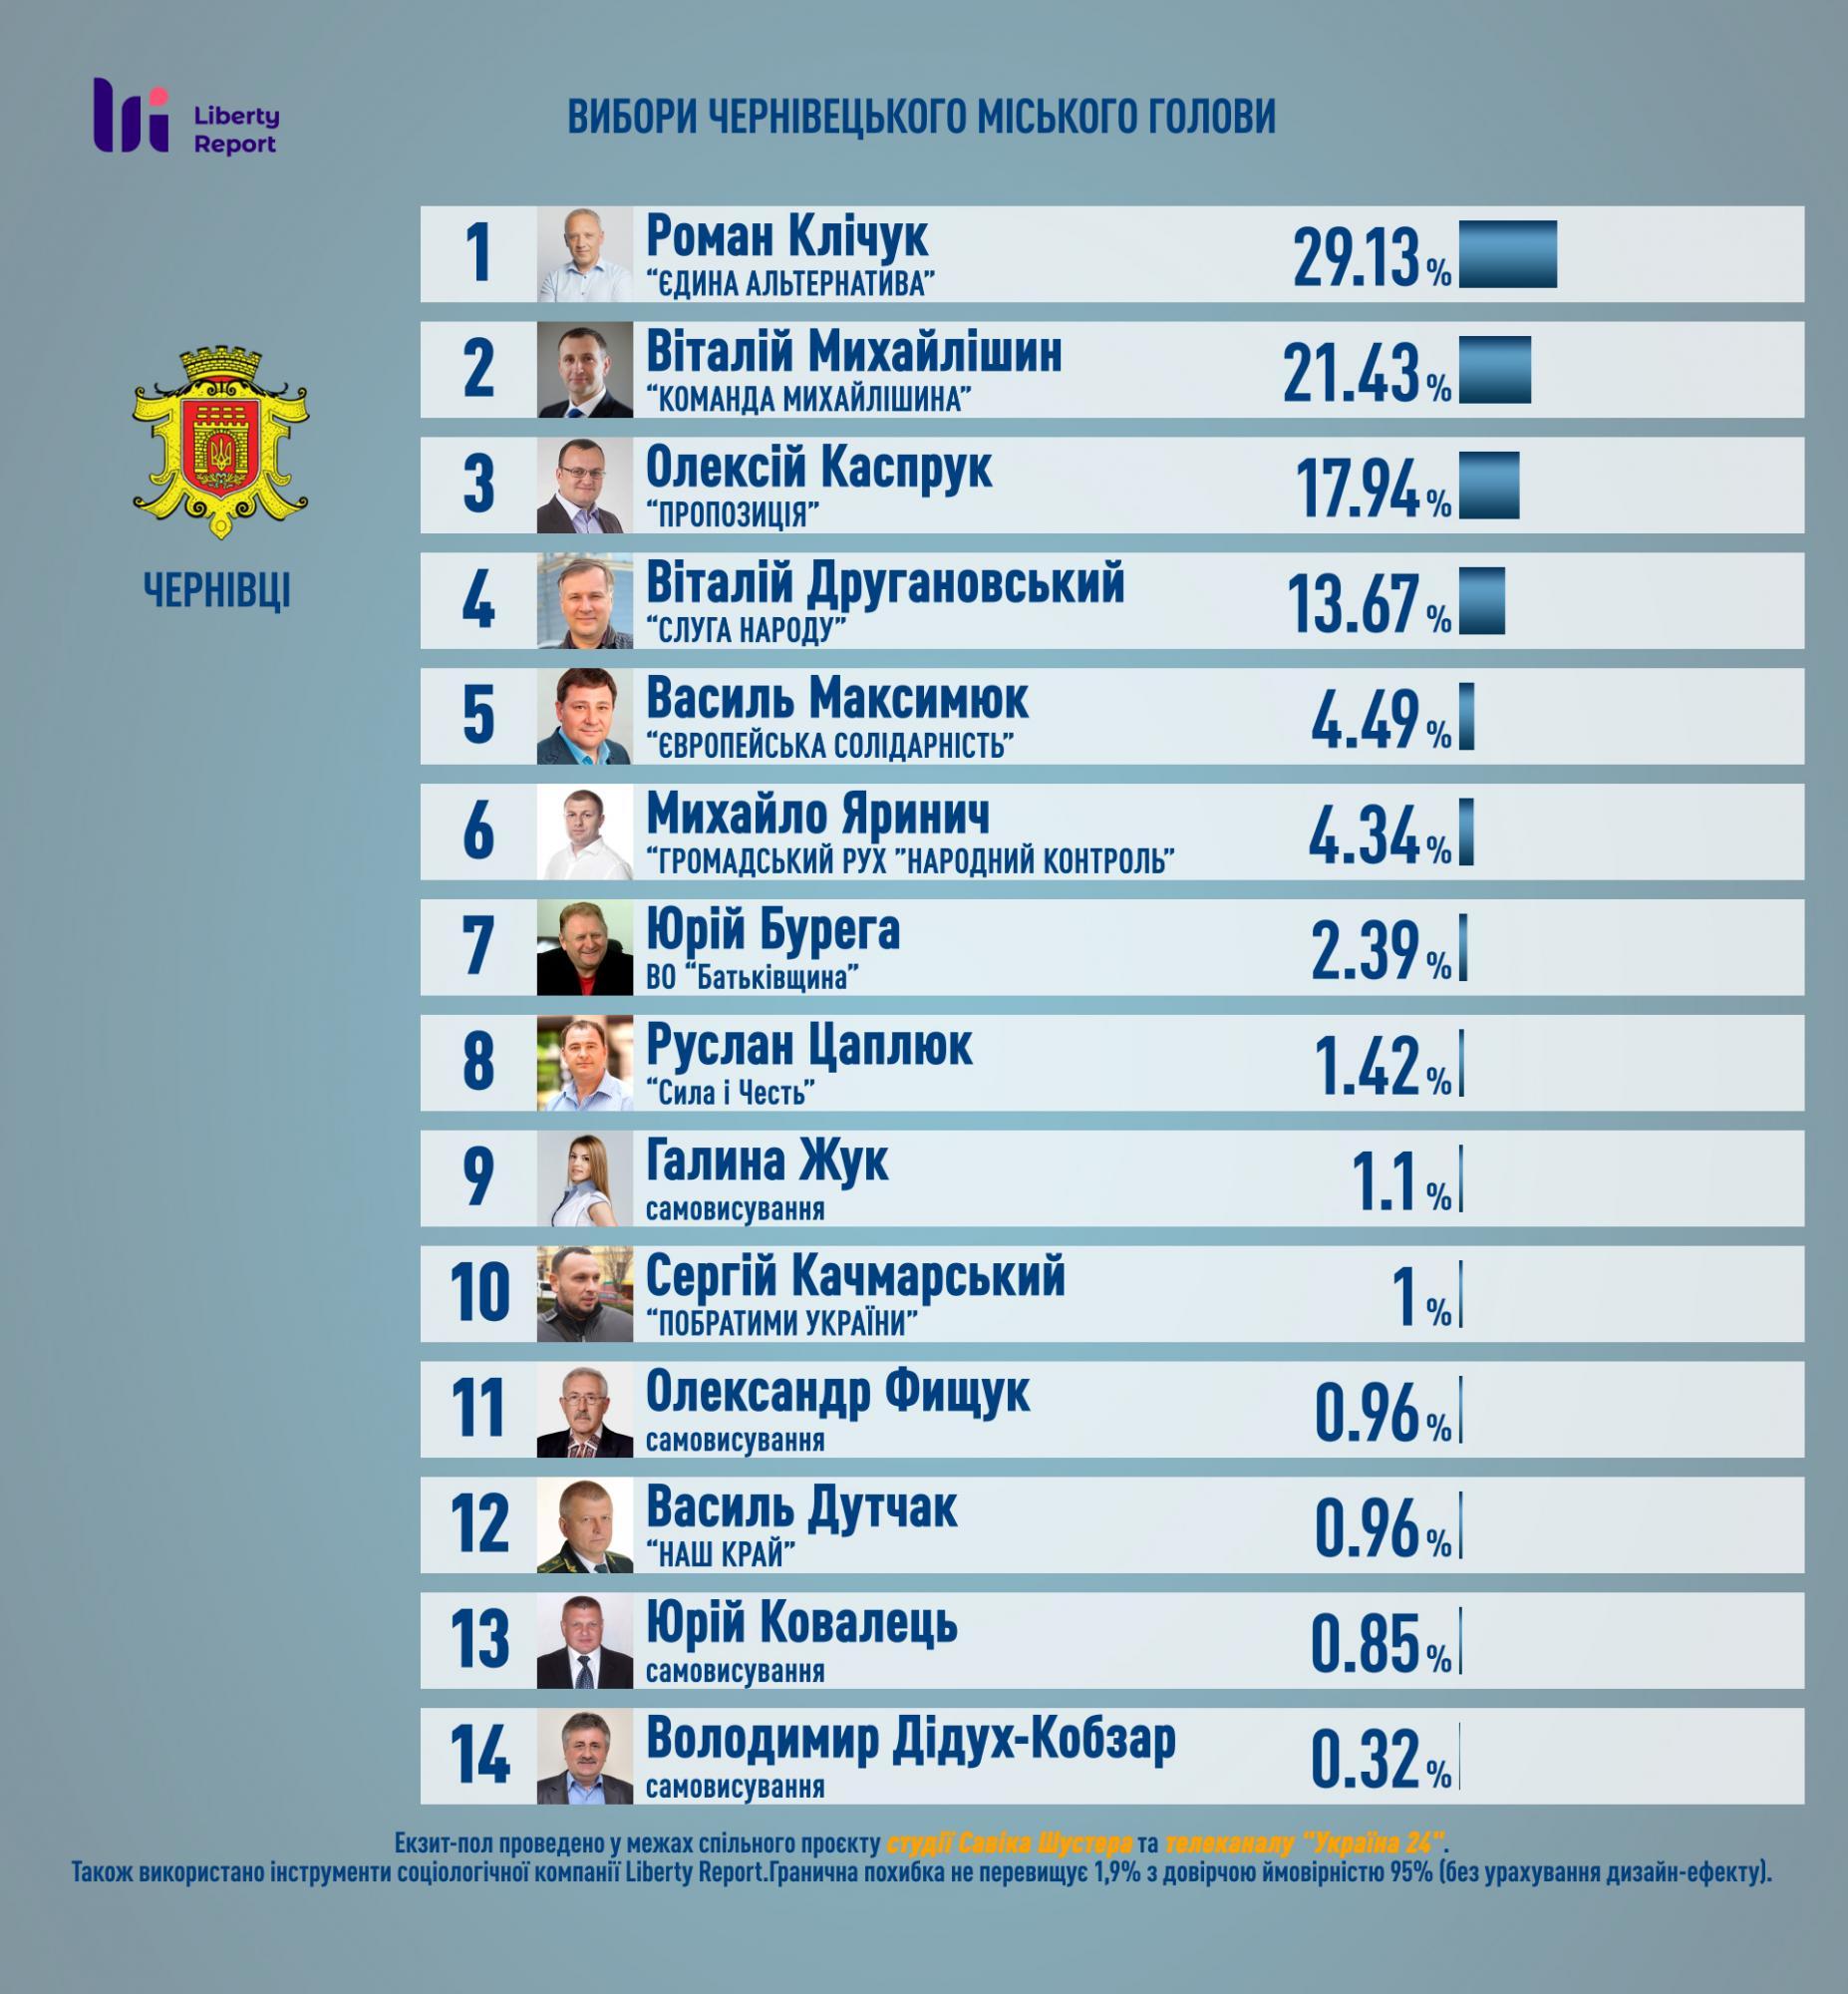 Объявлены результаты экзит-пола выборов в Черновцах